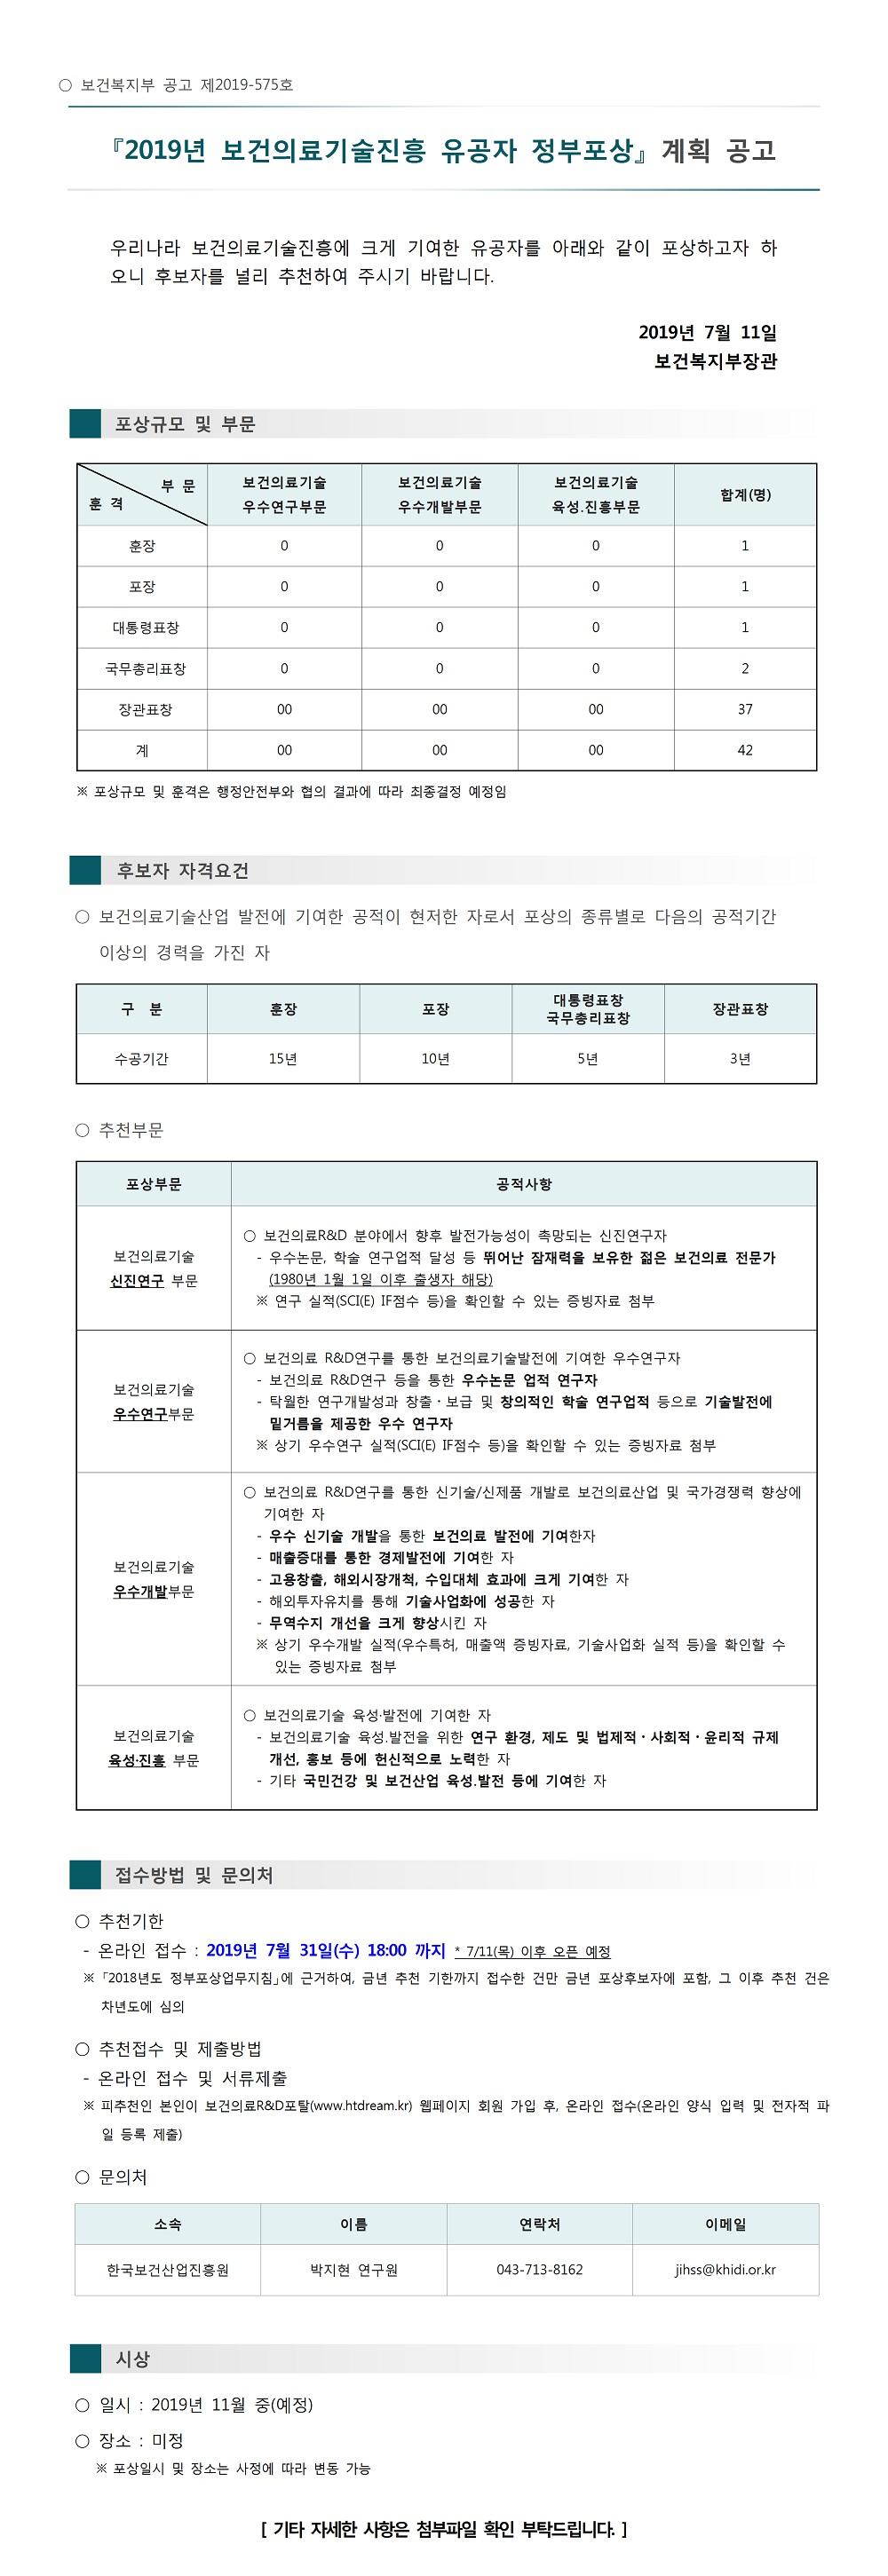 [보건복지부]2019년 보건의료기술진흥 유공자 정부포상 계획 공고